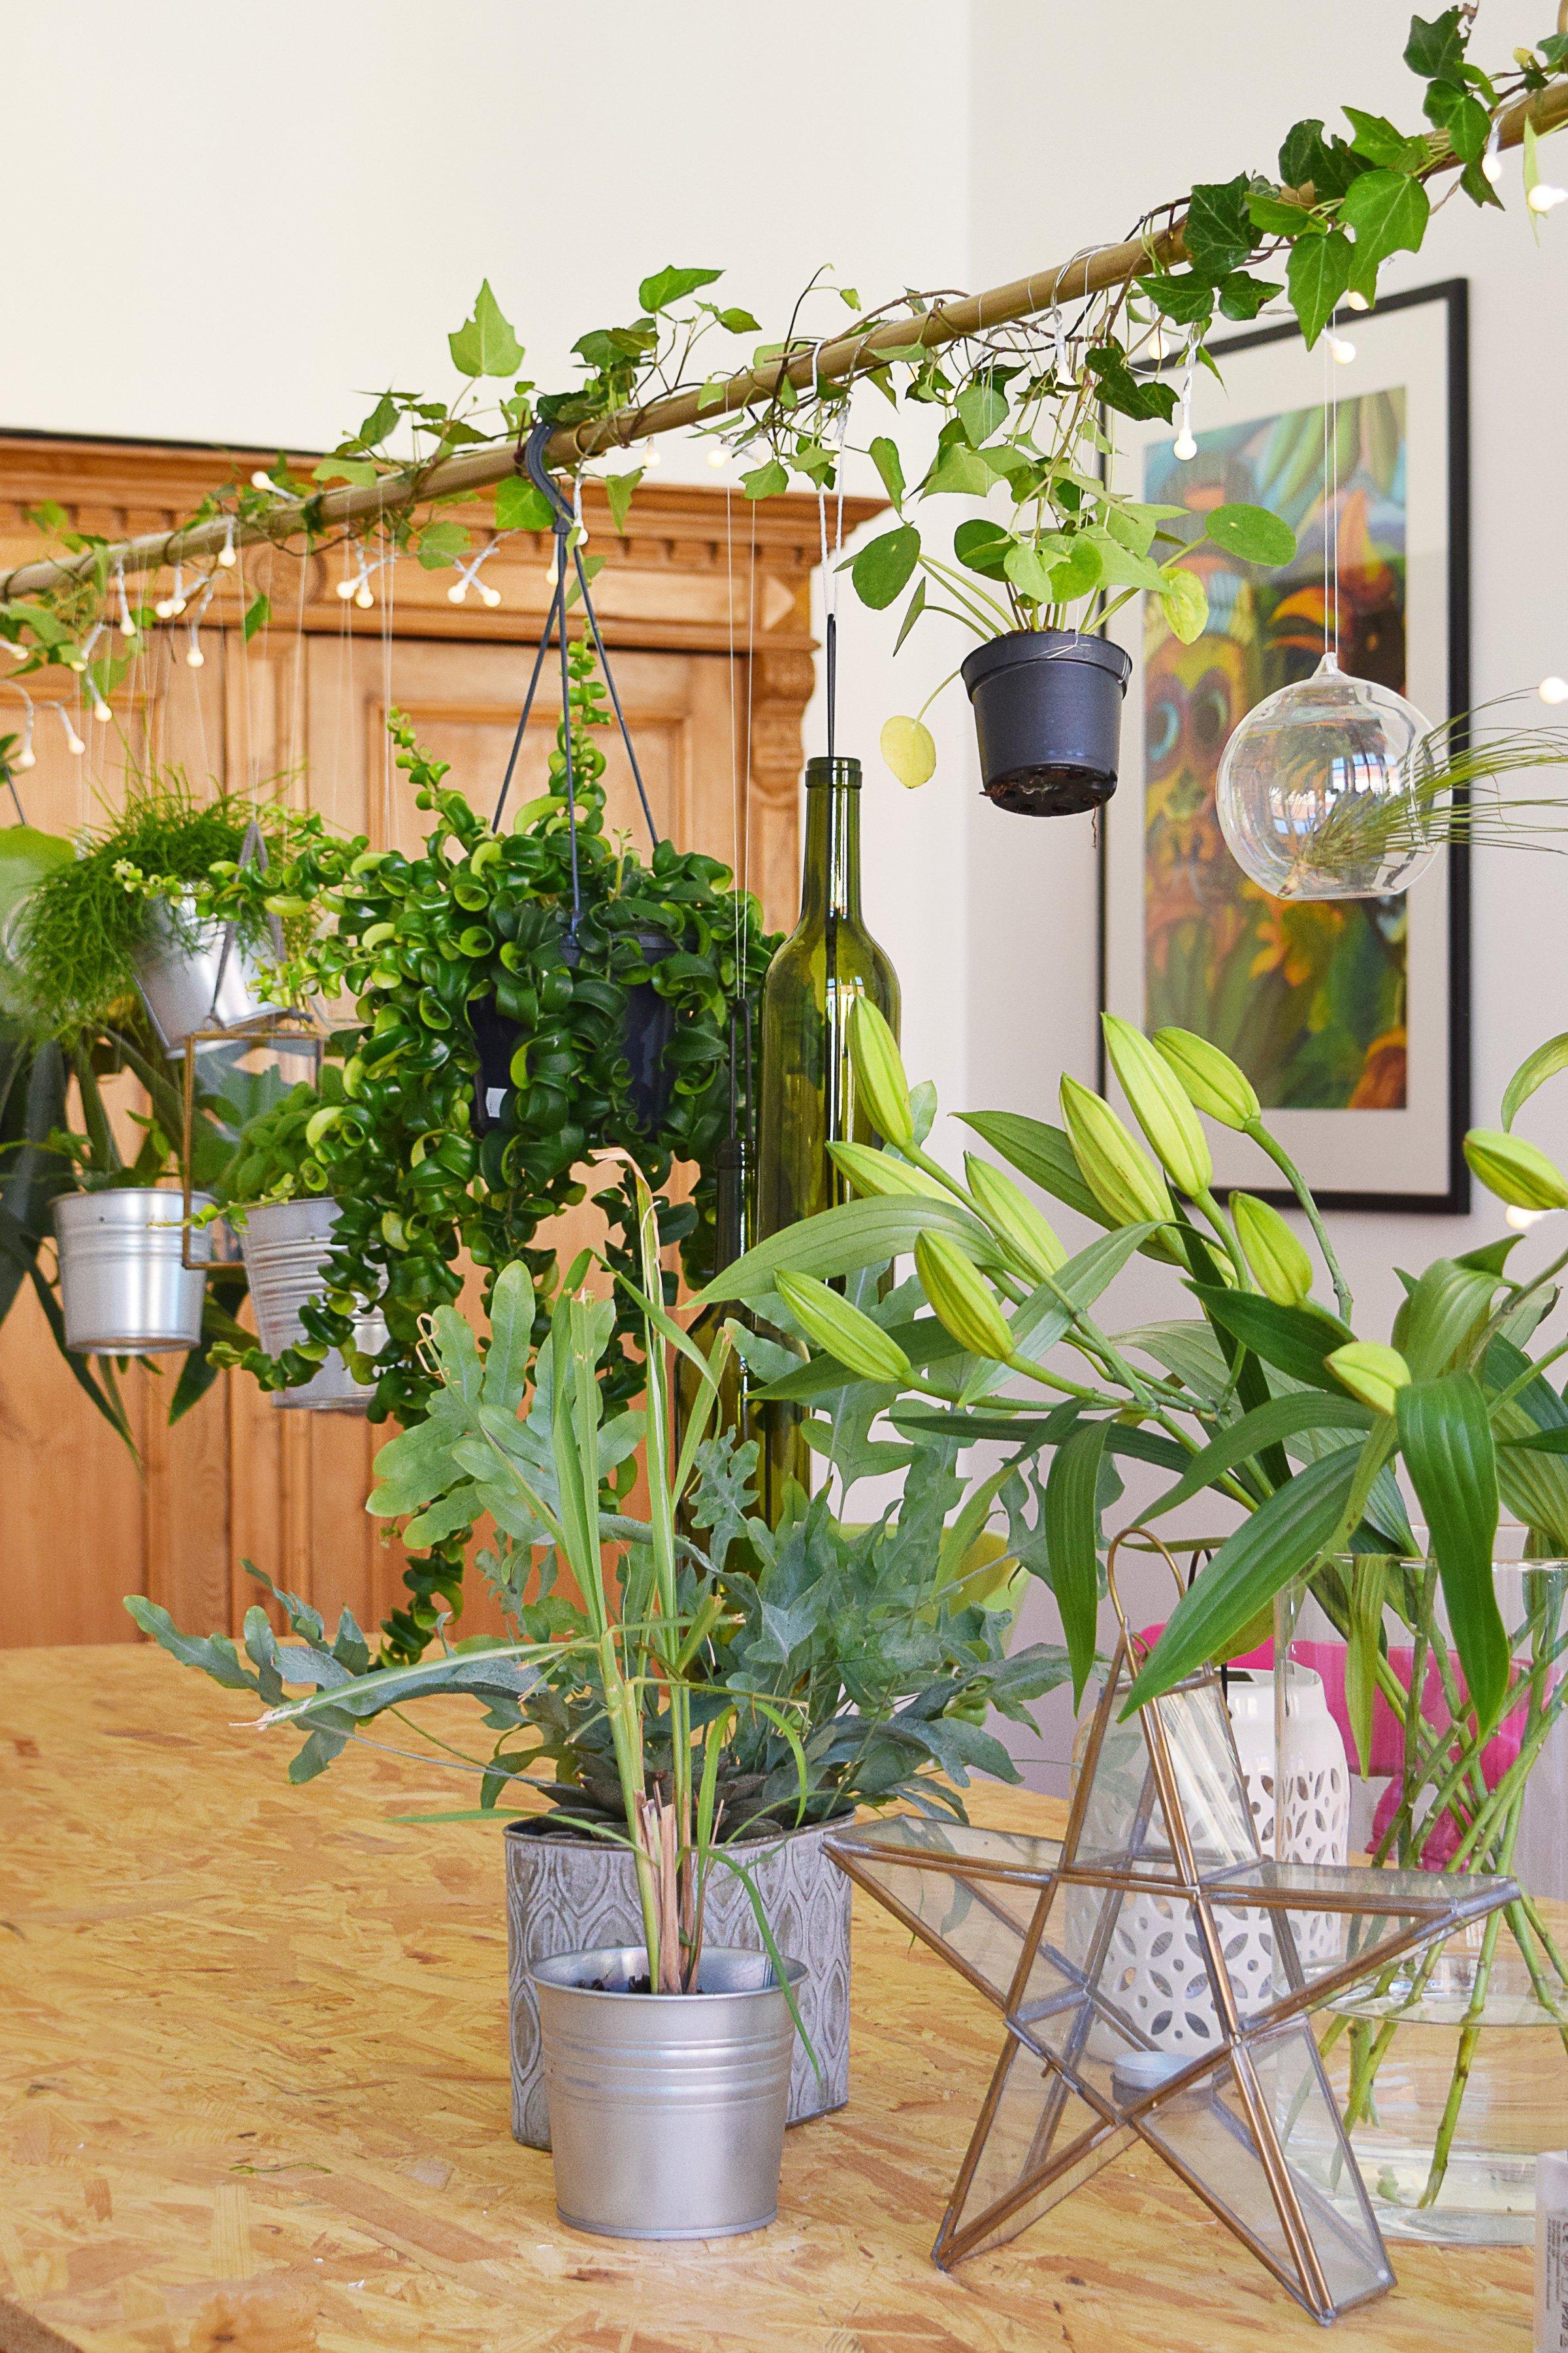 DIY Hanging Garden - Little House On The Corner